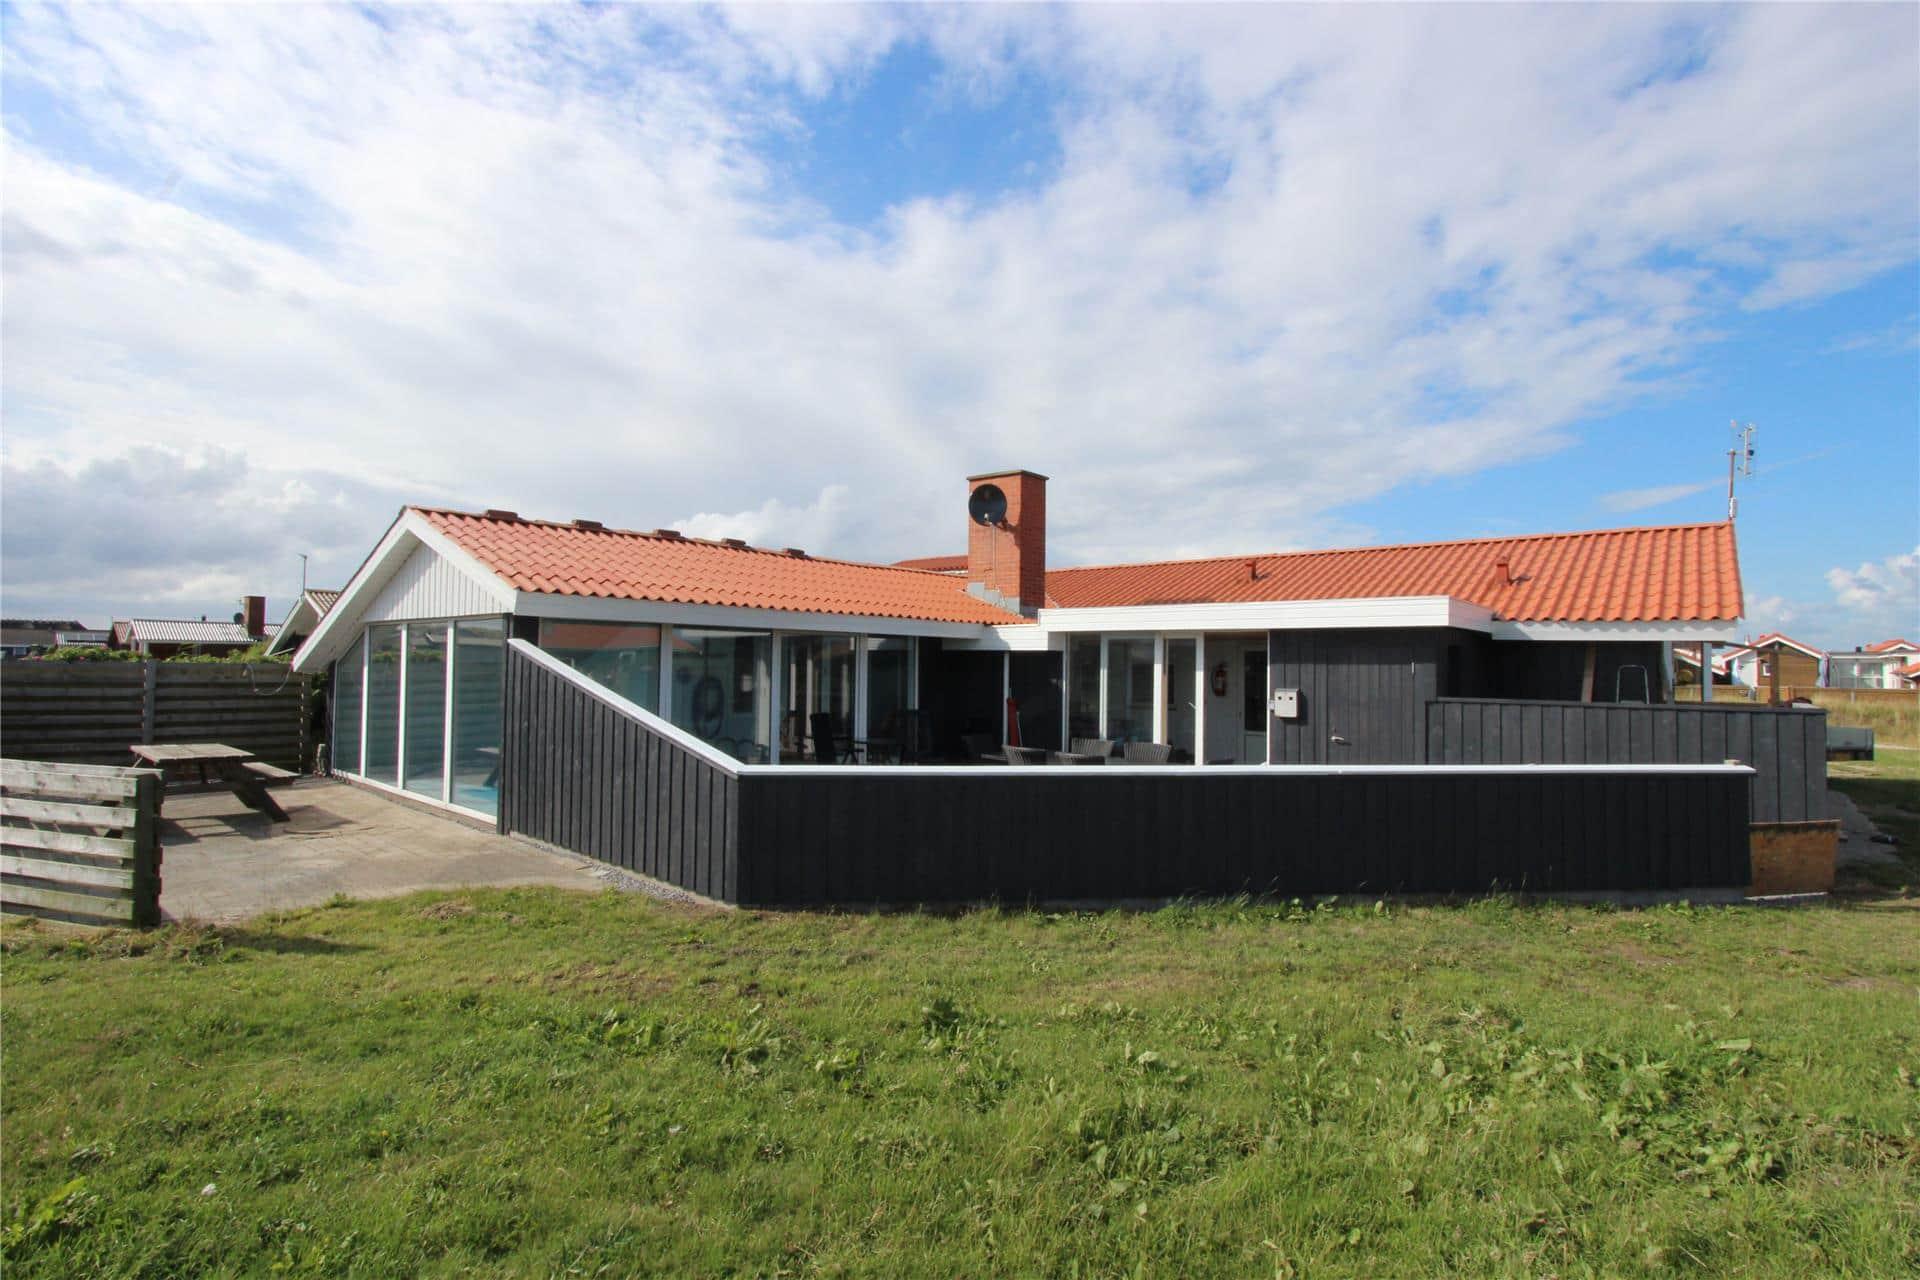 Billede 1-20 Sommerhus 184, Vejlby Klit 177, DK - 7673 Harboøre